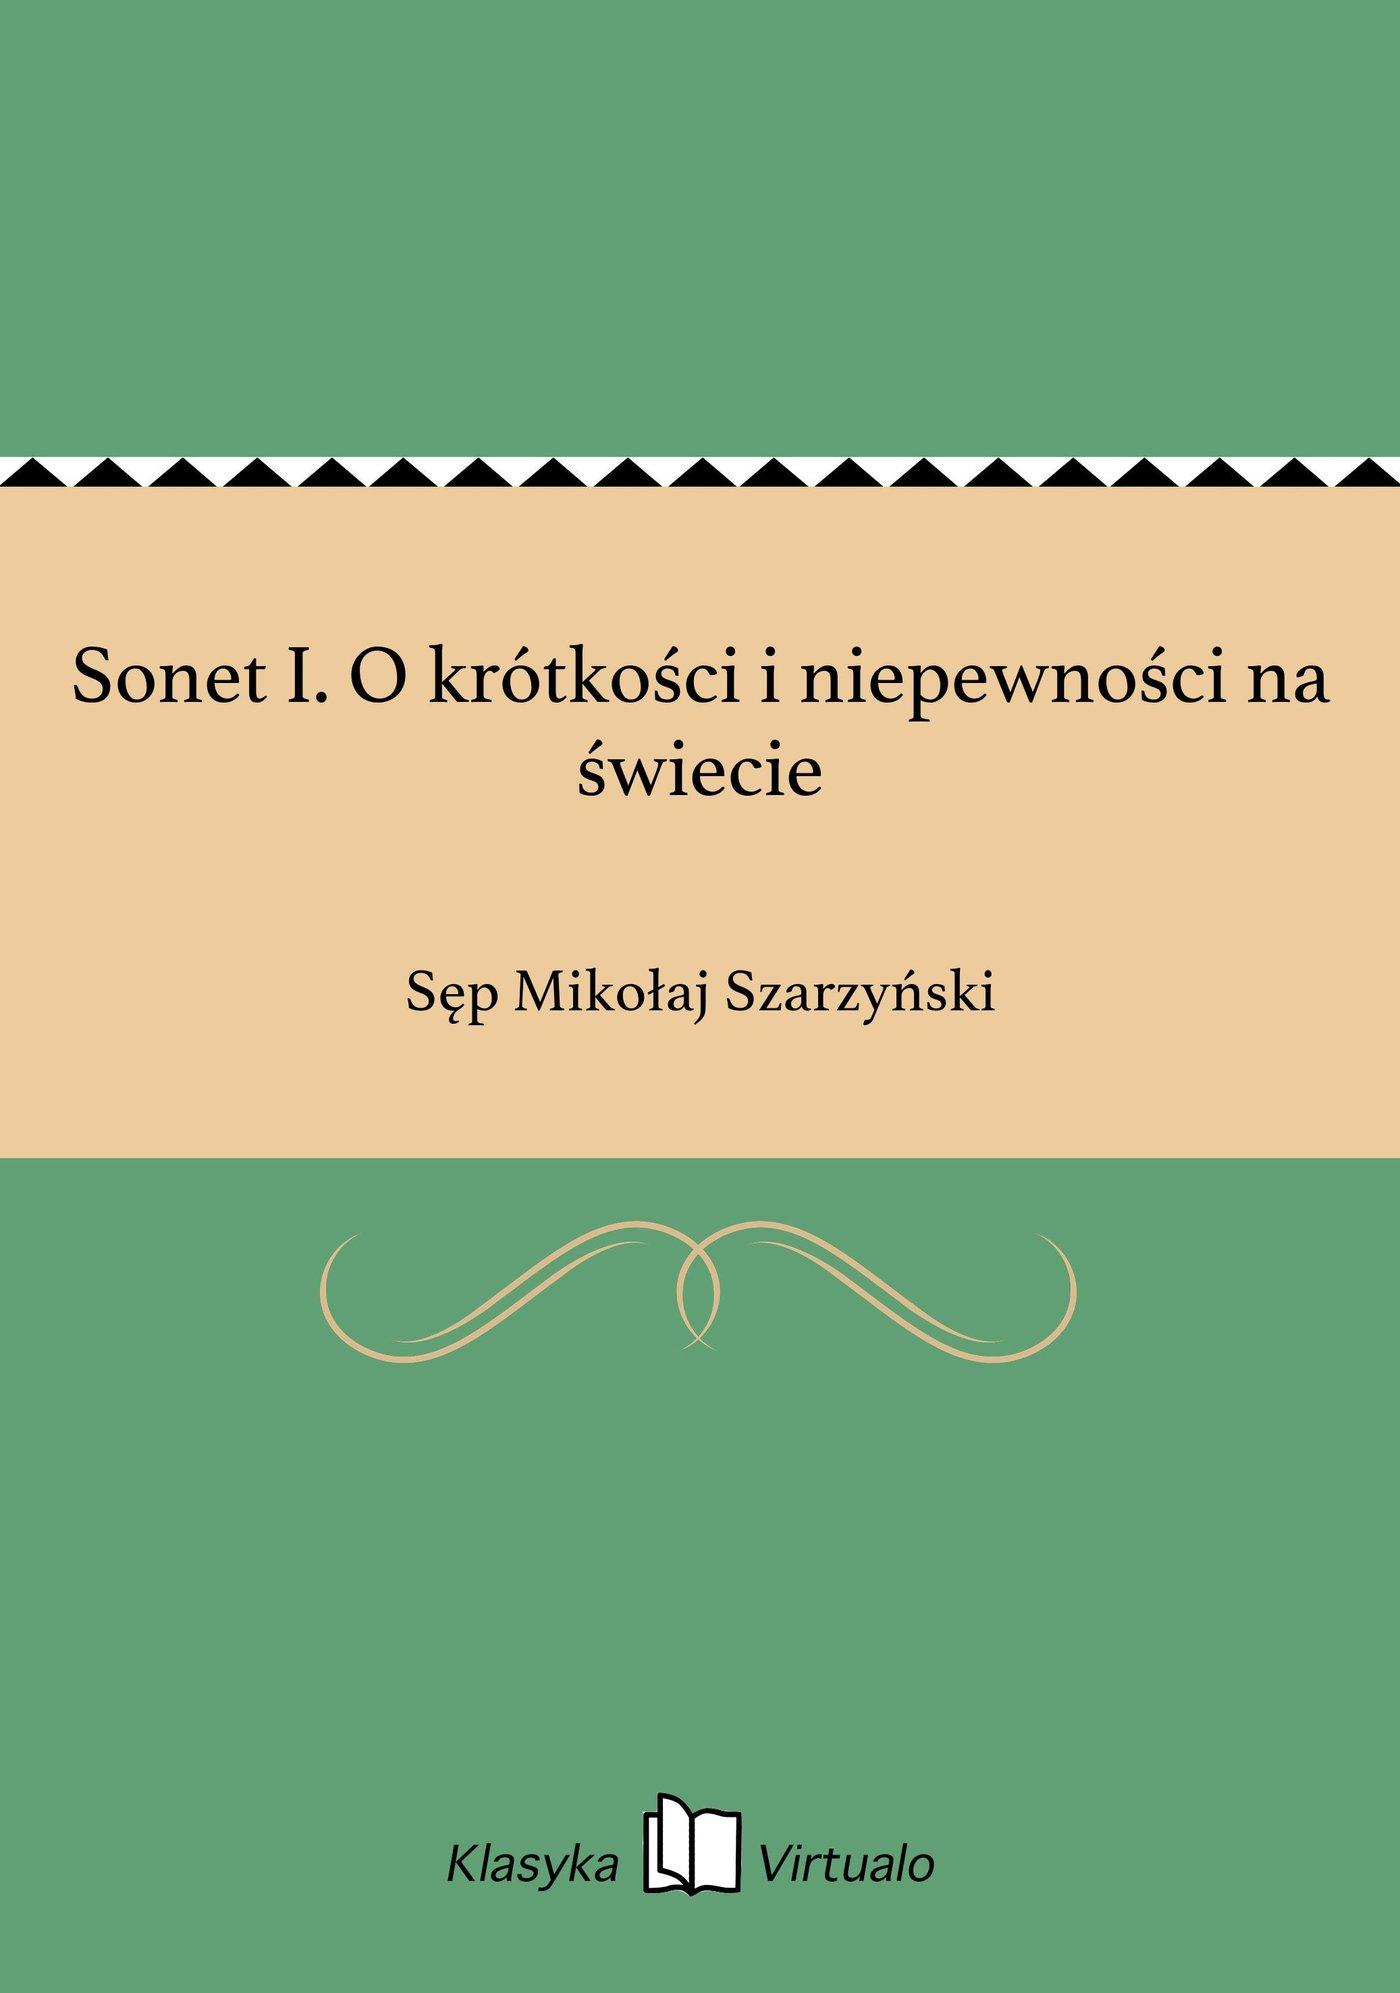 Sonet I. O krótkości i niepewności na świecie - Ebook (Książka EPUB) do pobrania w formacie EPUB